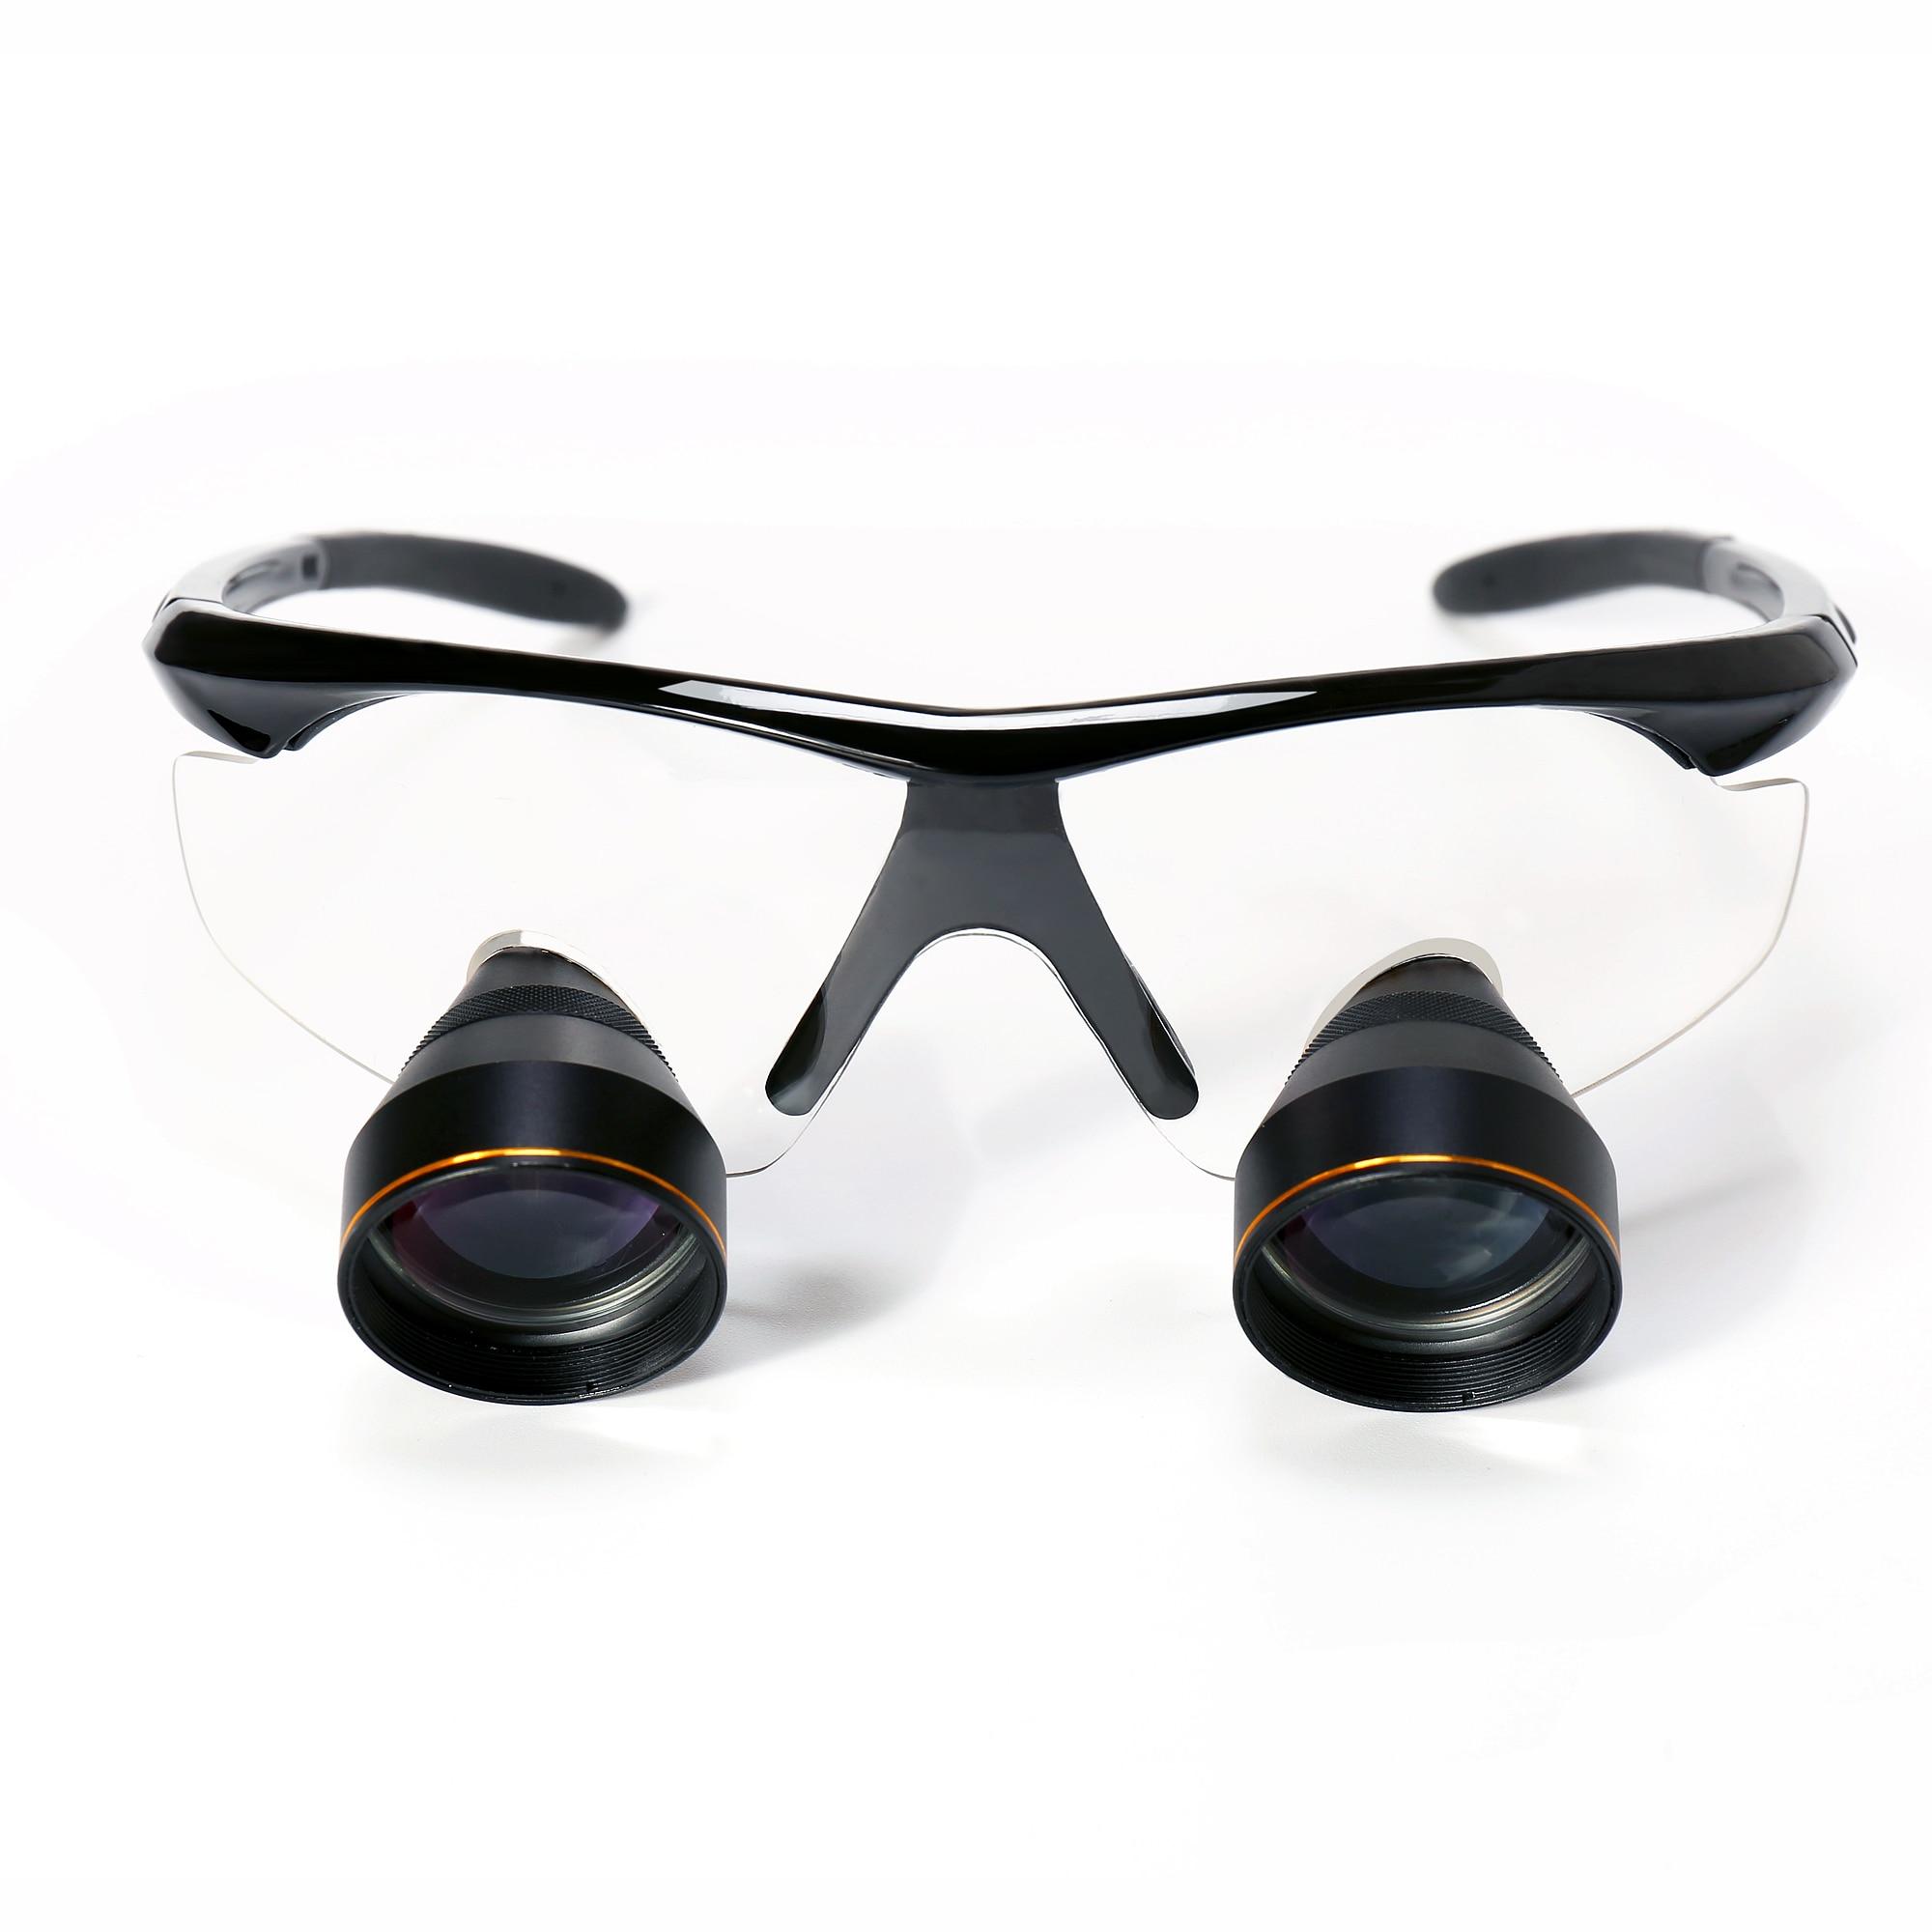 Большой FOV 2.5X бинокулярный глаз Стекло стоматологическая лупа хирургии медицинское увеличительное стекло стоматолога лупа 30 50 см большое р...